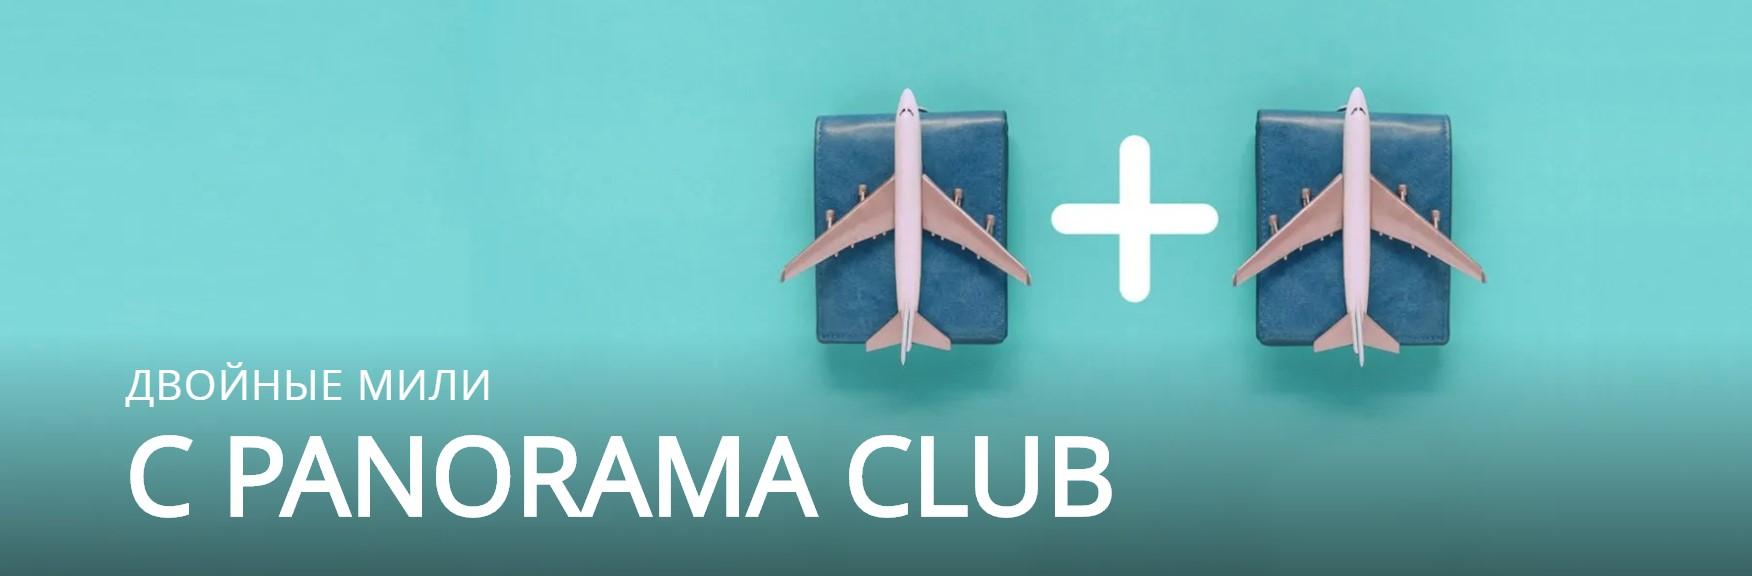 Халявные мили для новых участников МАУ Panorama Club